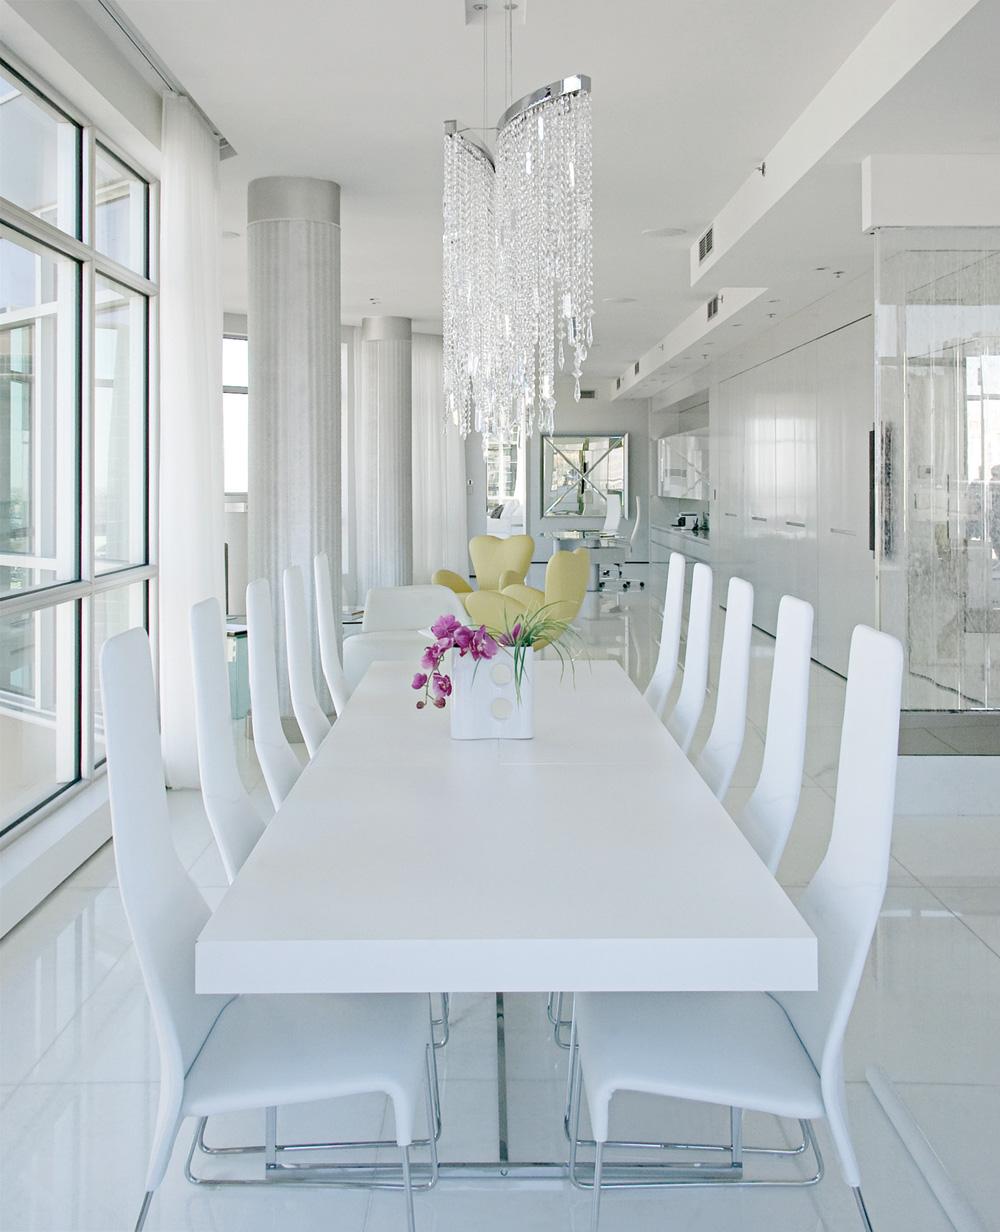 Dix chaises Lazy de Patricia Urquiola se font face autour d'une table, également de B & B Italia. Plus loin, une cloison de verre transparent emprisonne des bulles d'eau qui prennent diverses teintes de bleu le soir venu grâce des halogènes spéciaux.